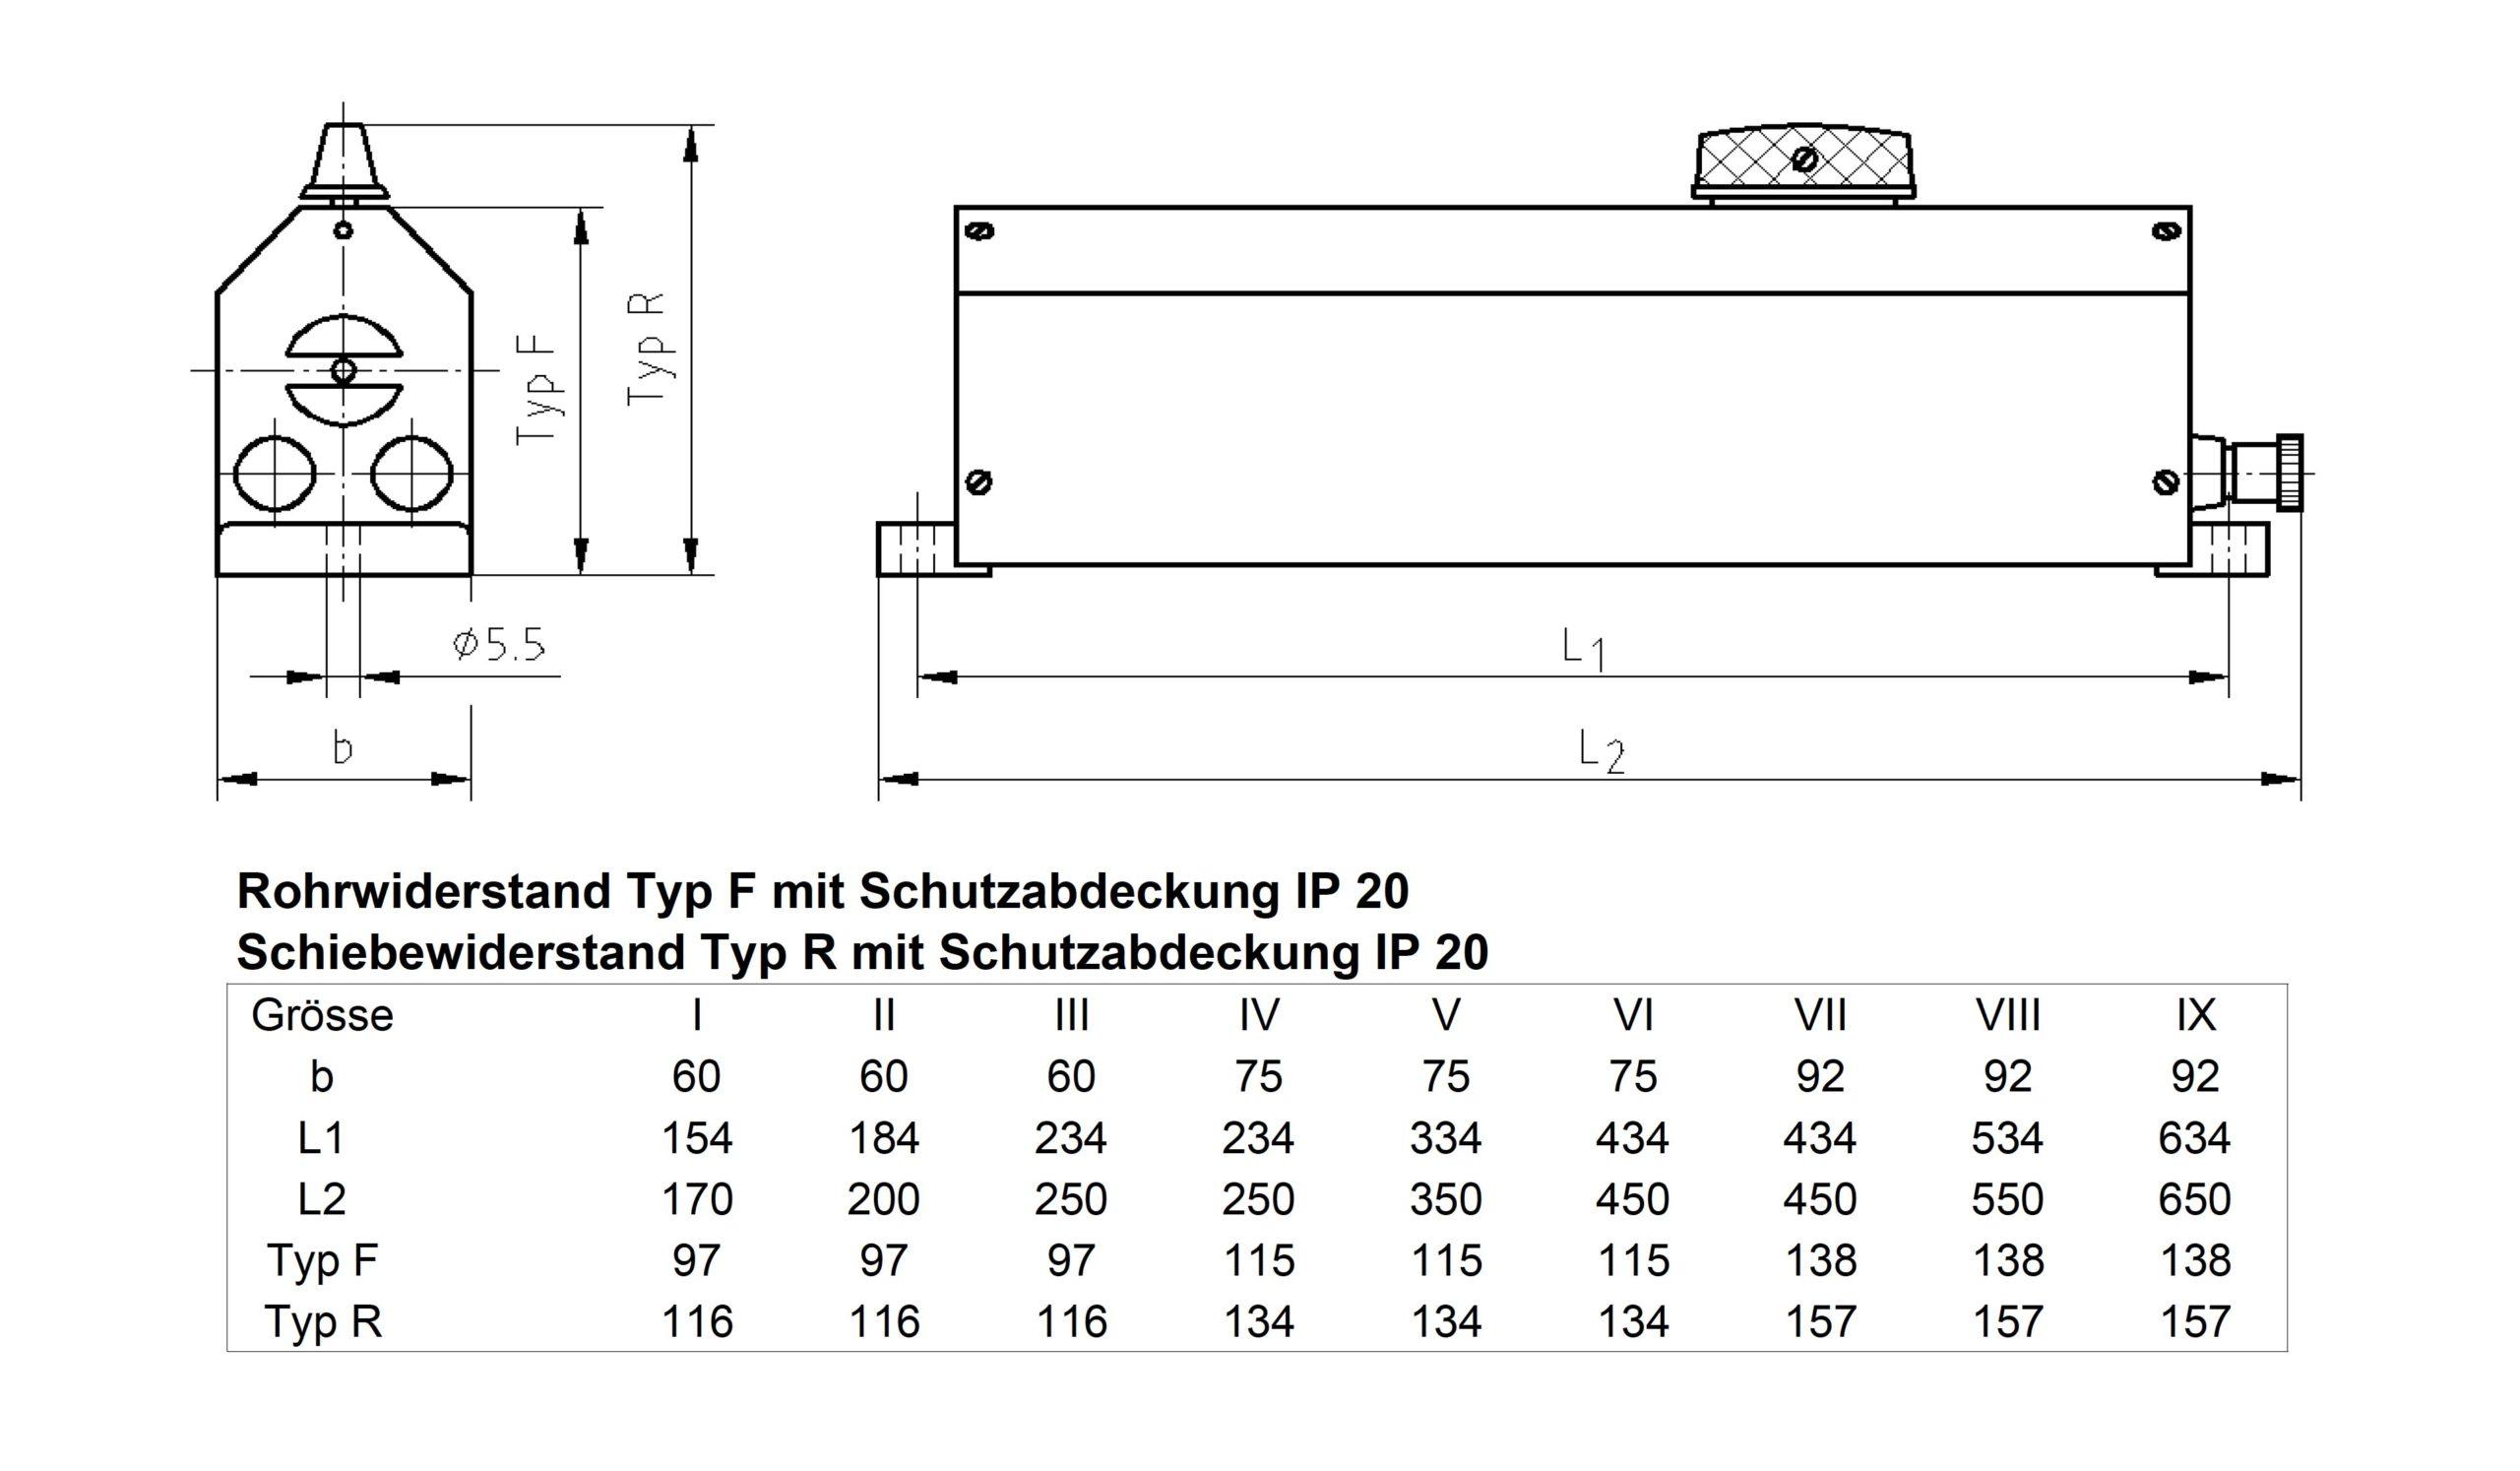 Culatti AG Schiebewiderstand Typ R mit Schutzabdeckung IP 20